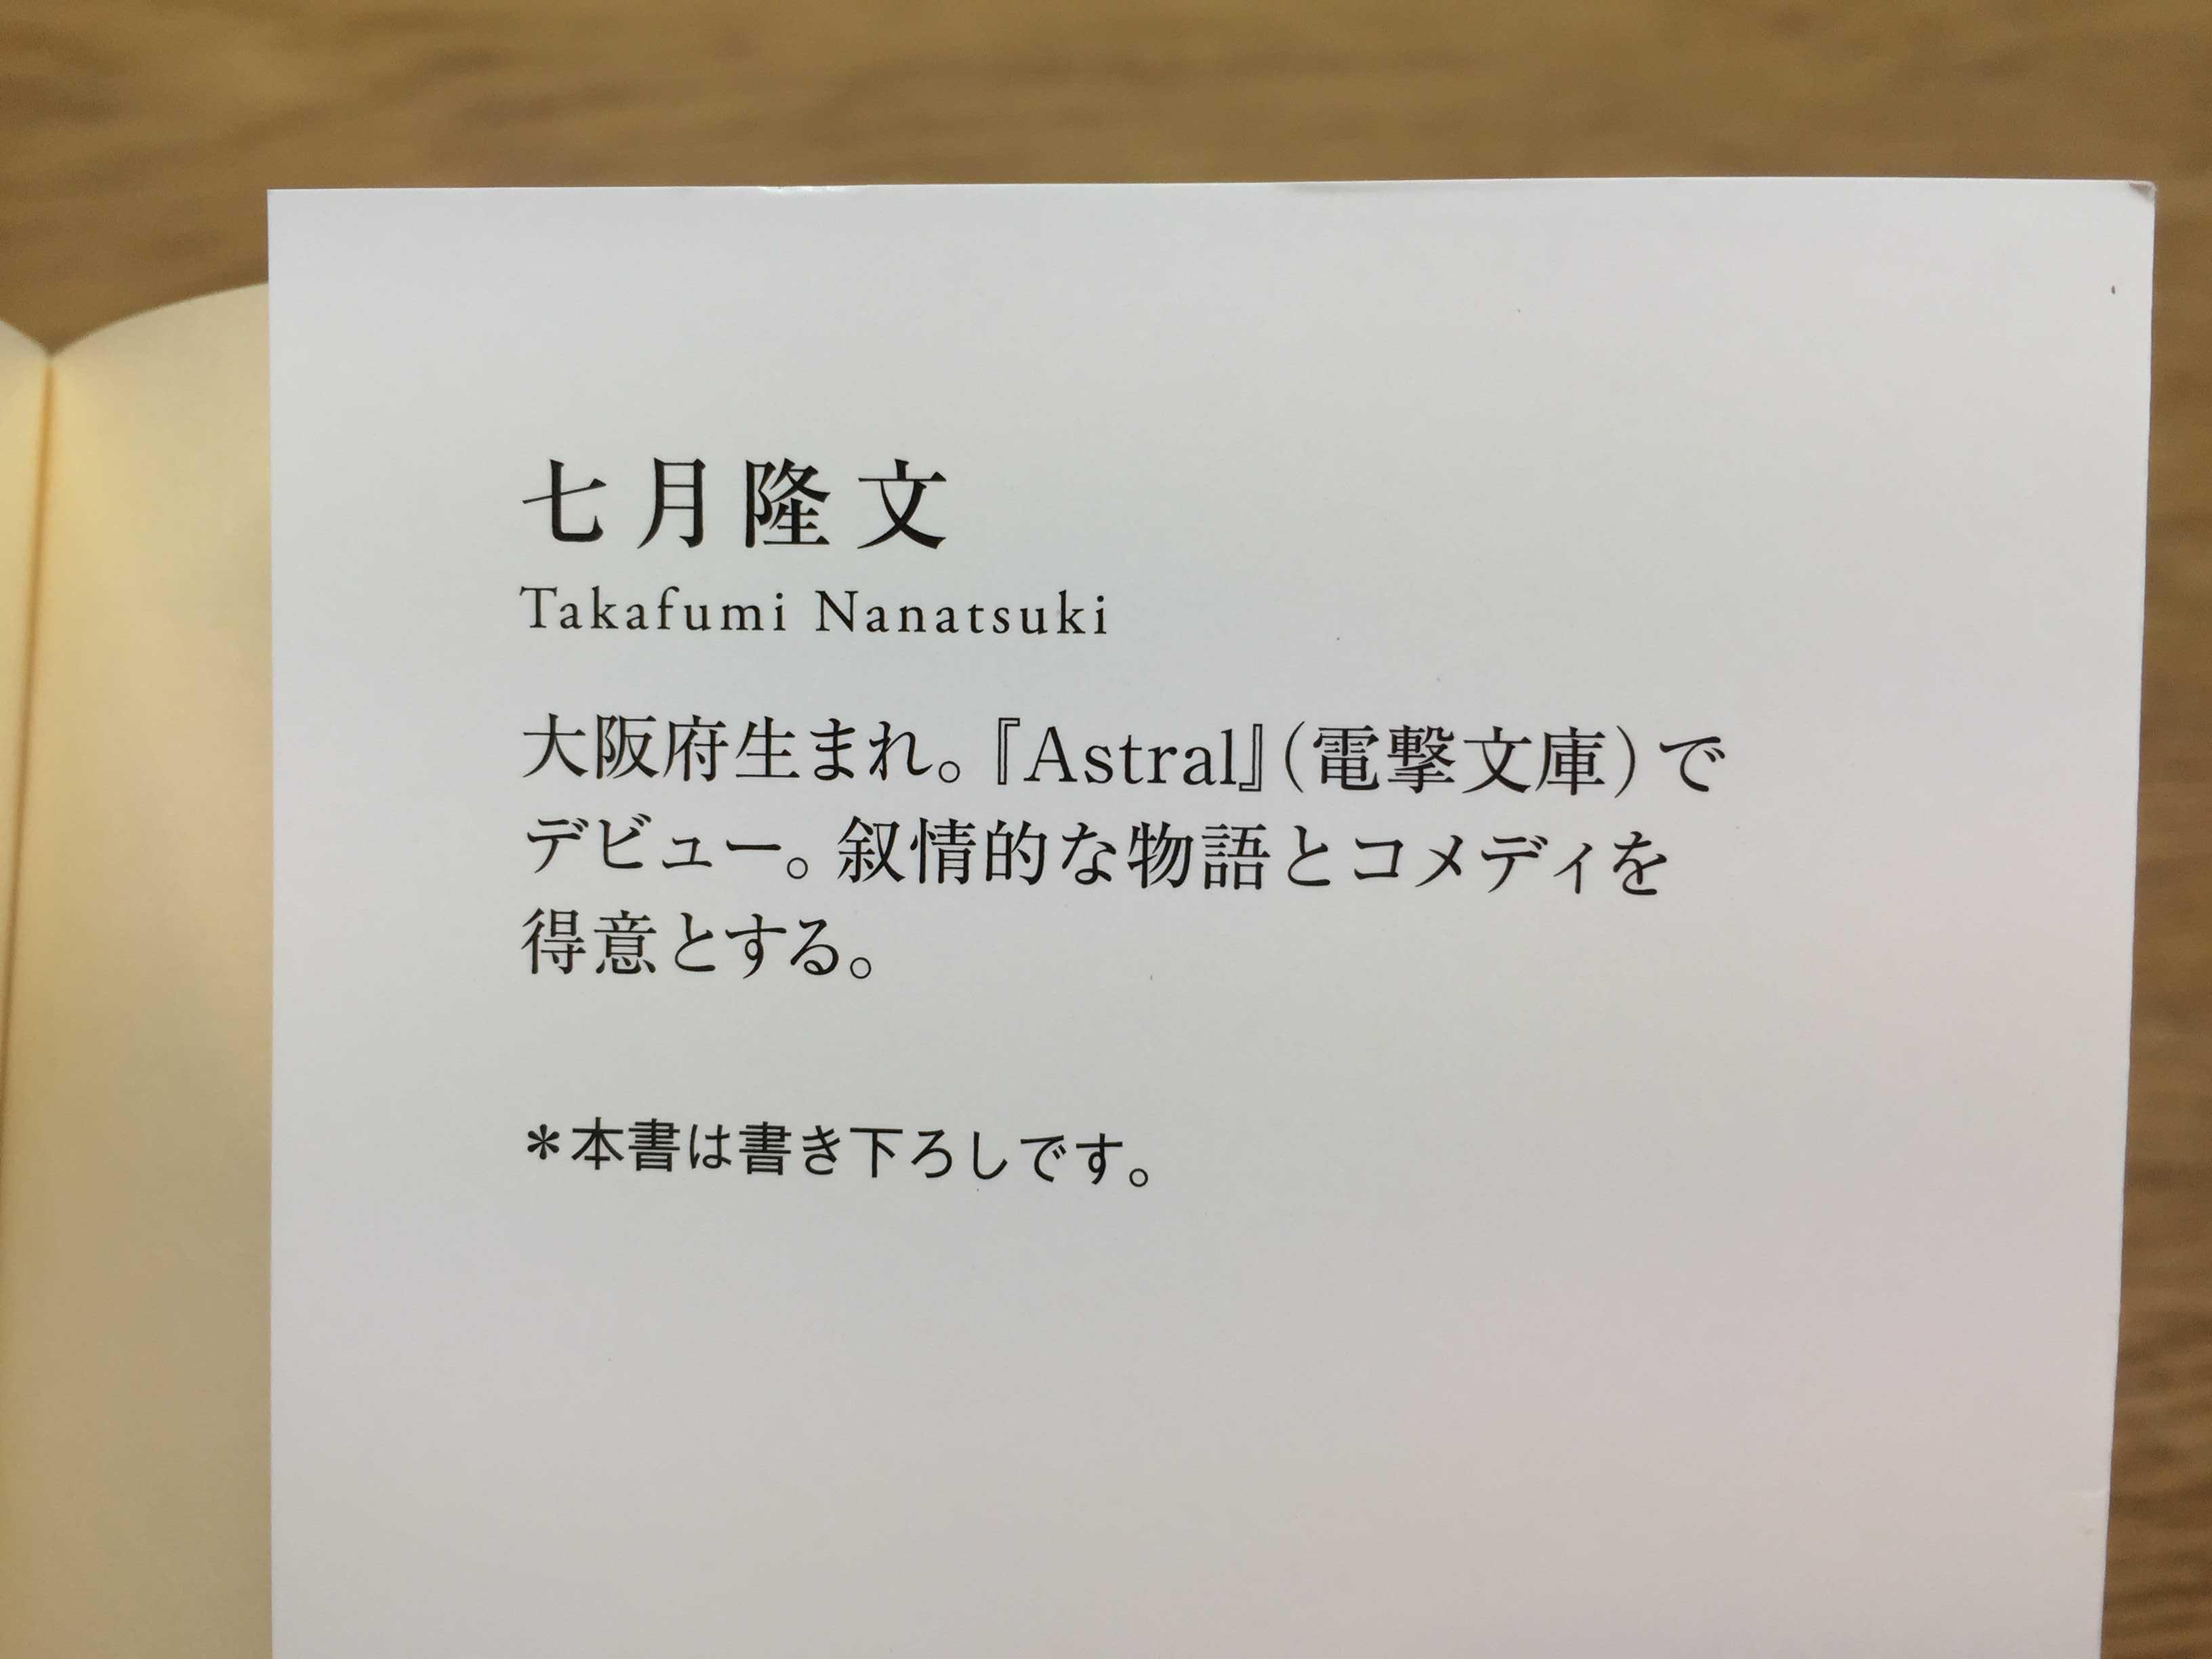 七月 隆文(ななつき たかふみ)